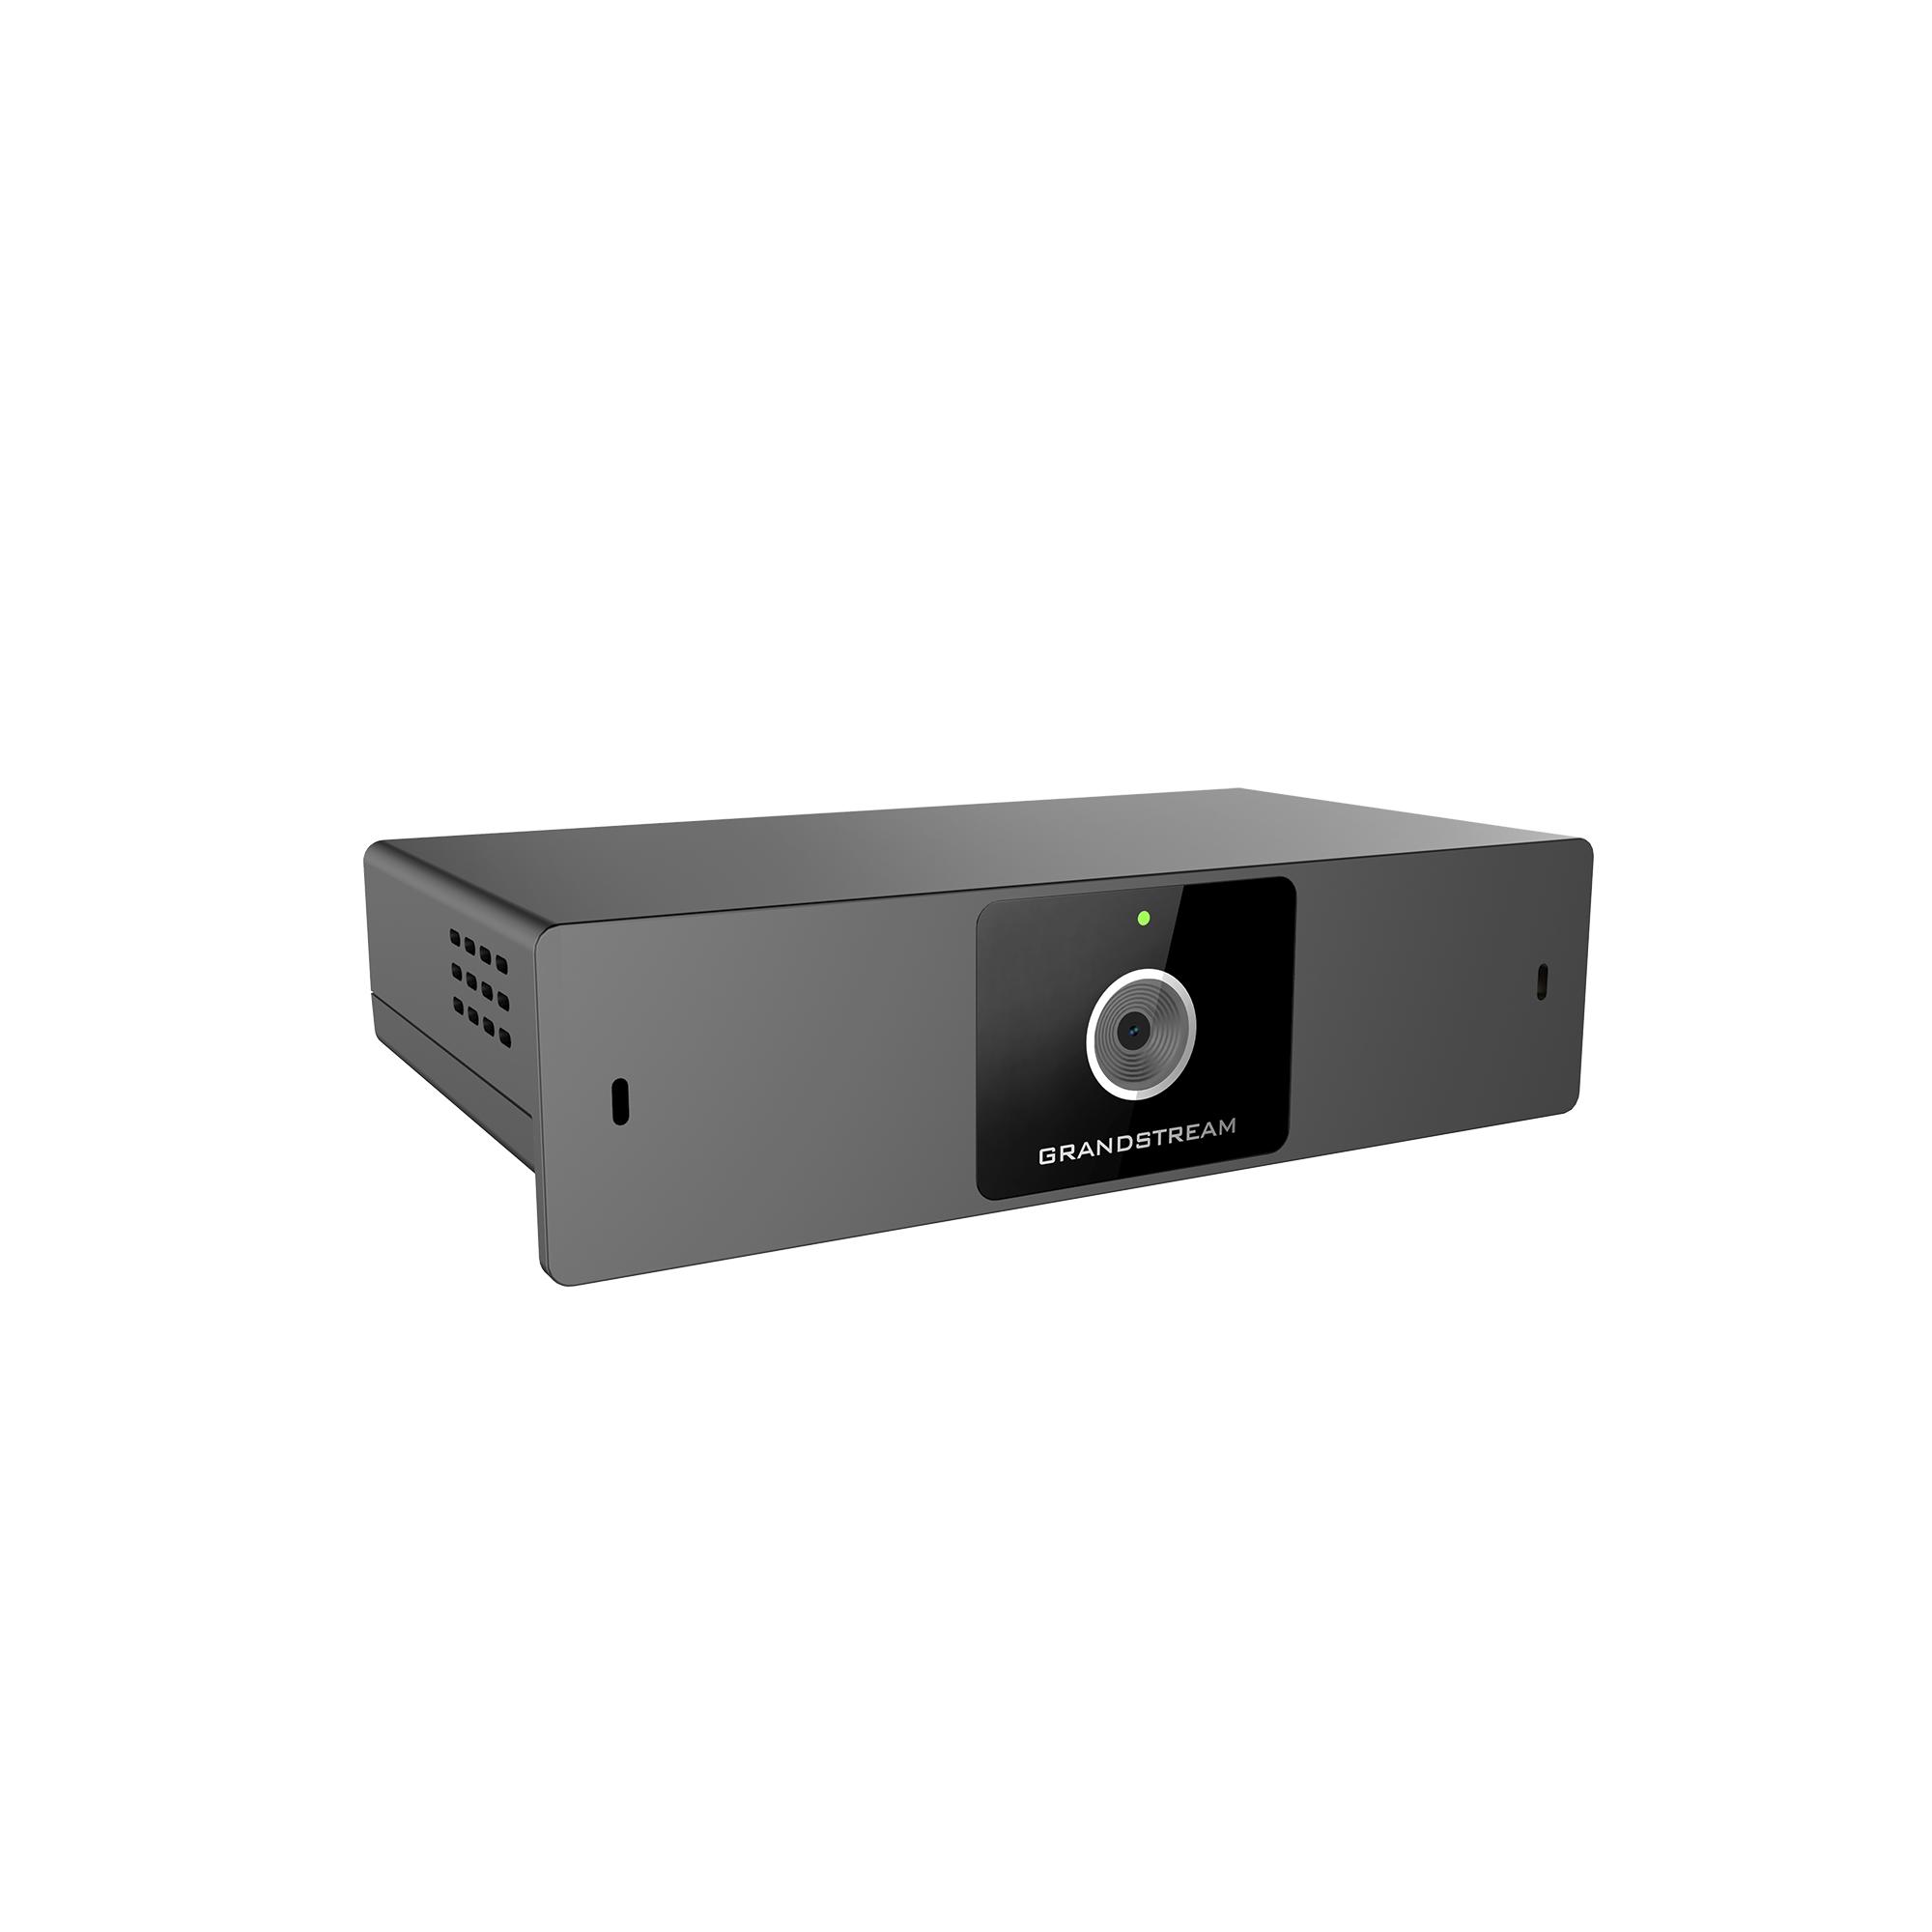 Dispositivo de Videoconferencia HD para IPVideoTalk